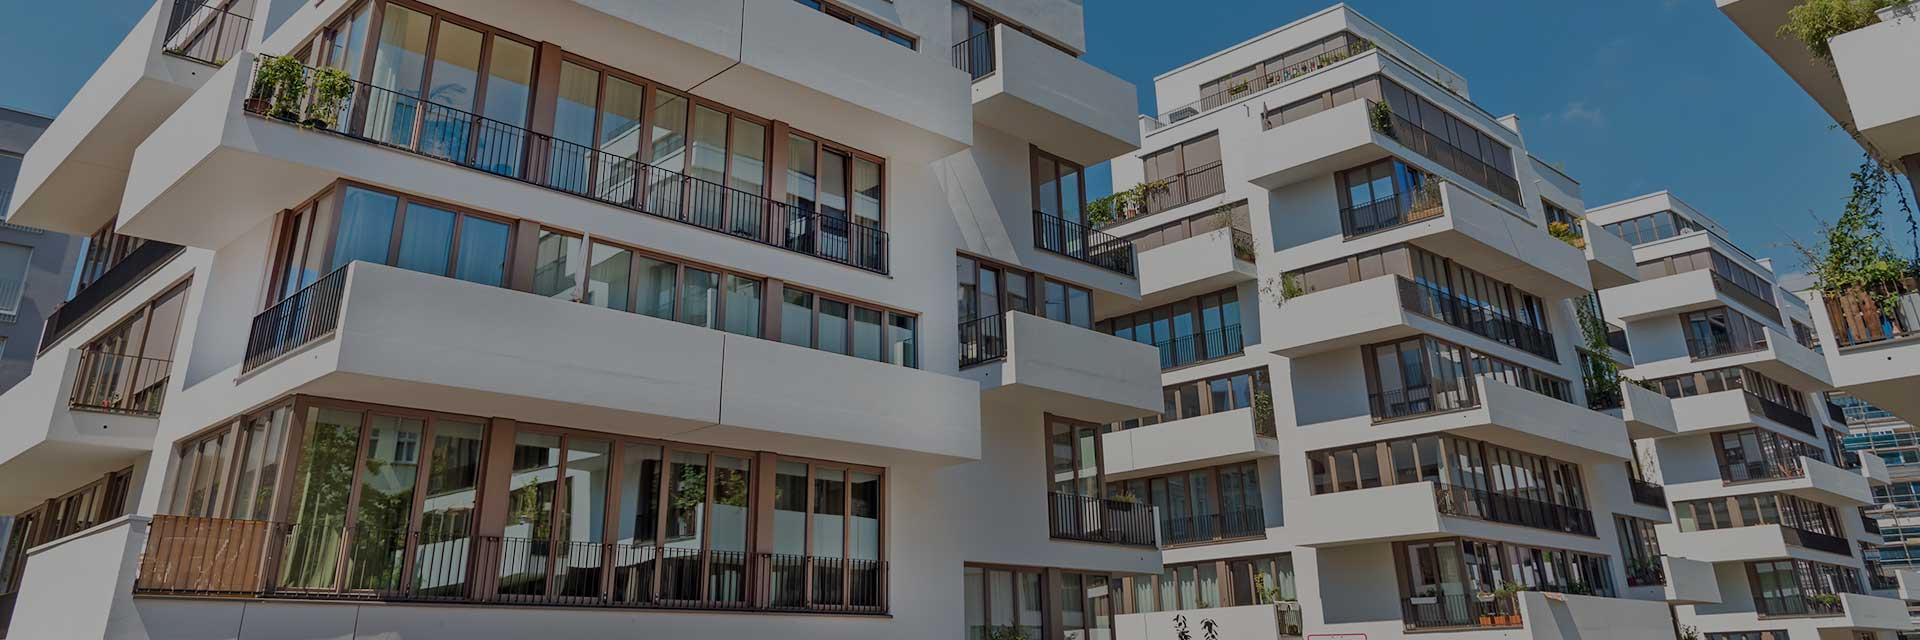 investimento-immobiliare